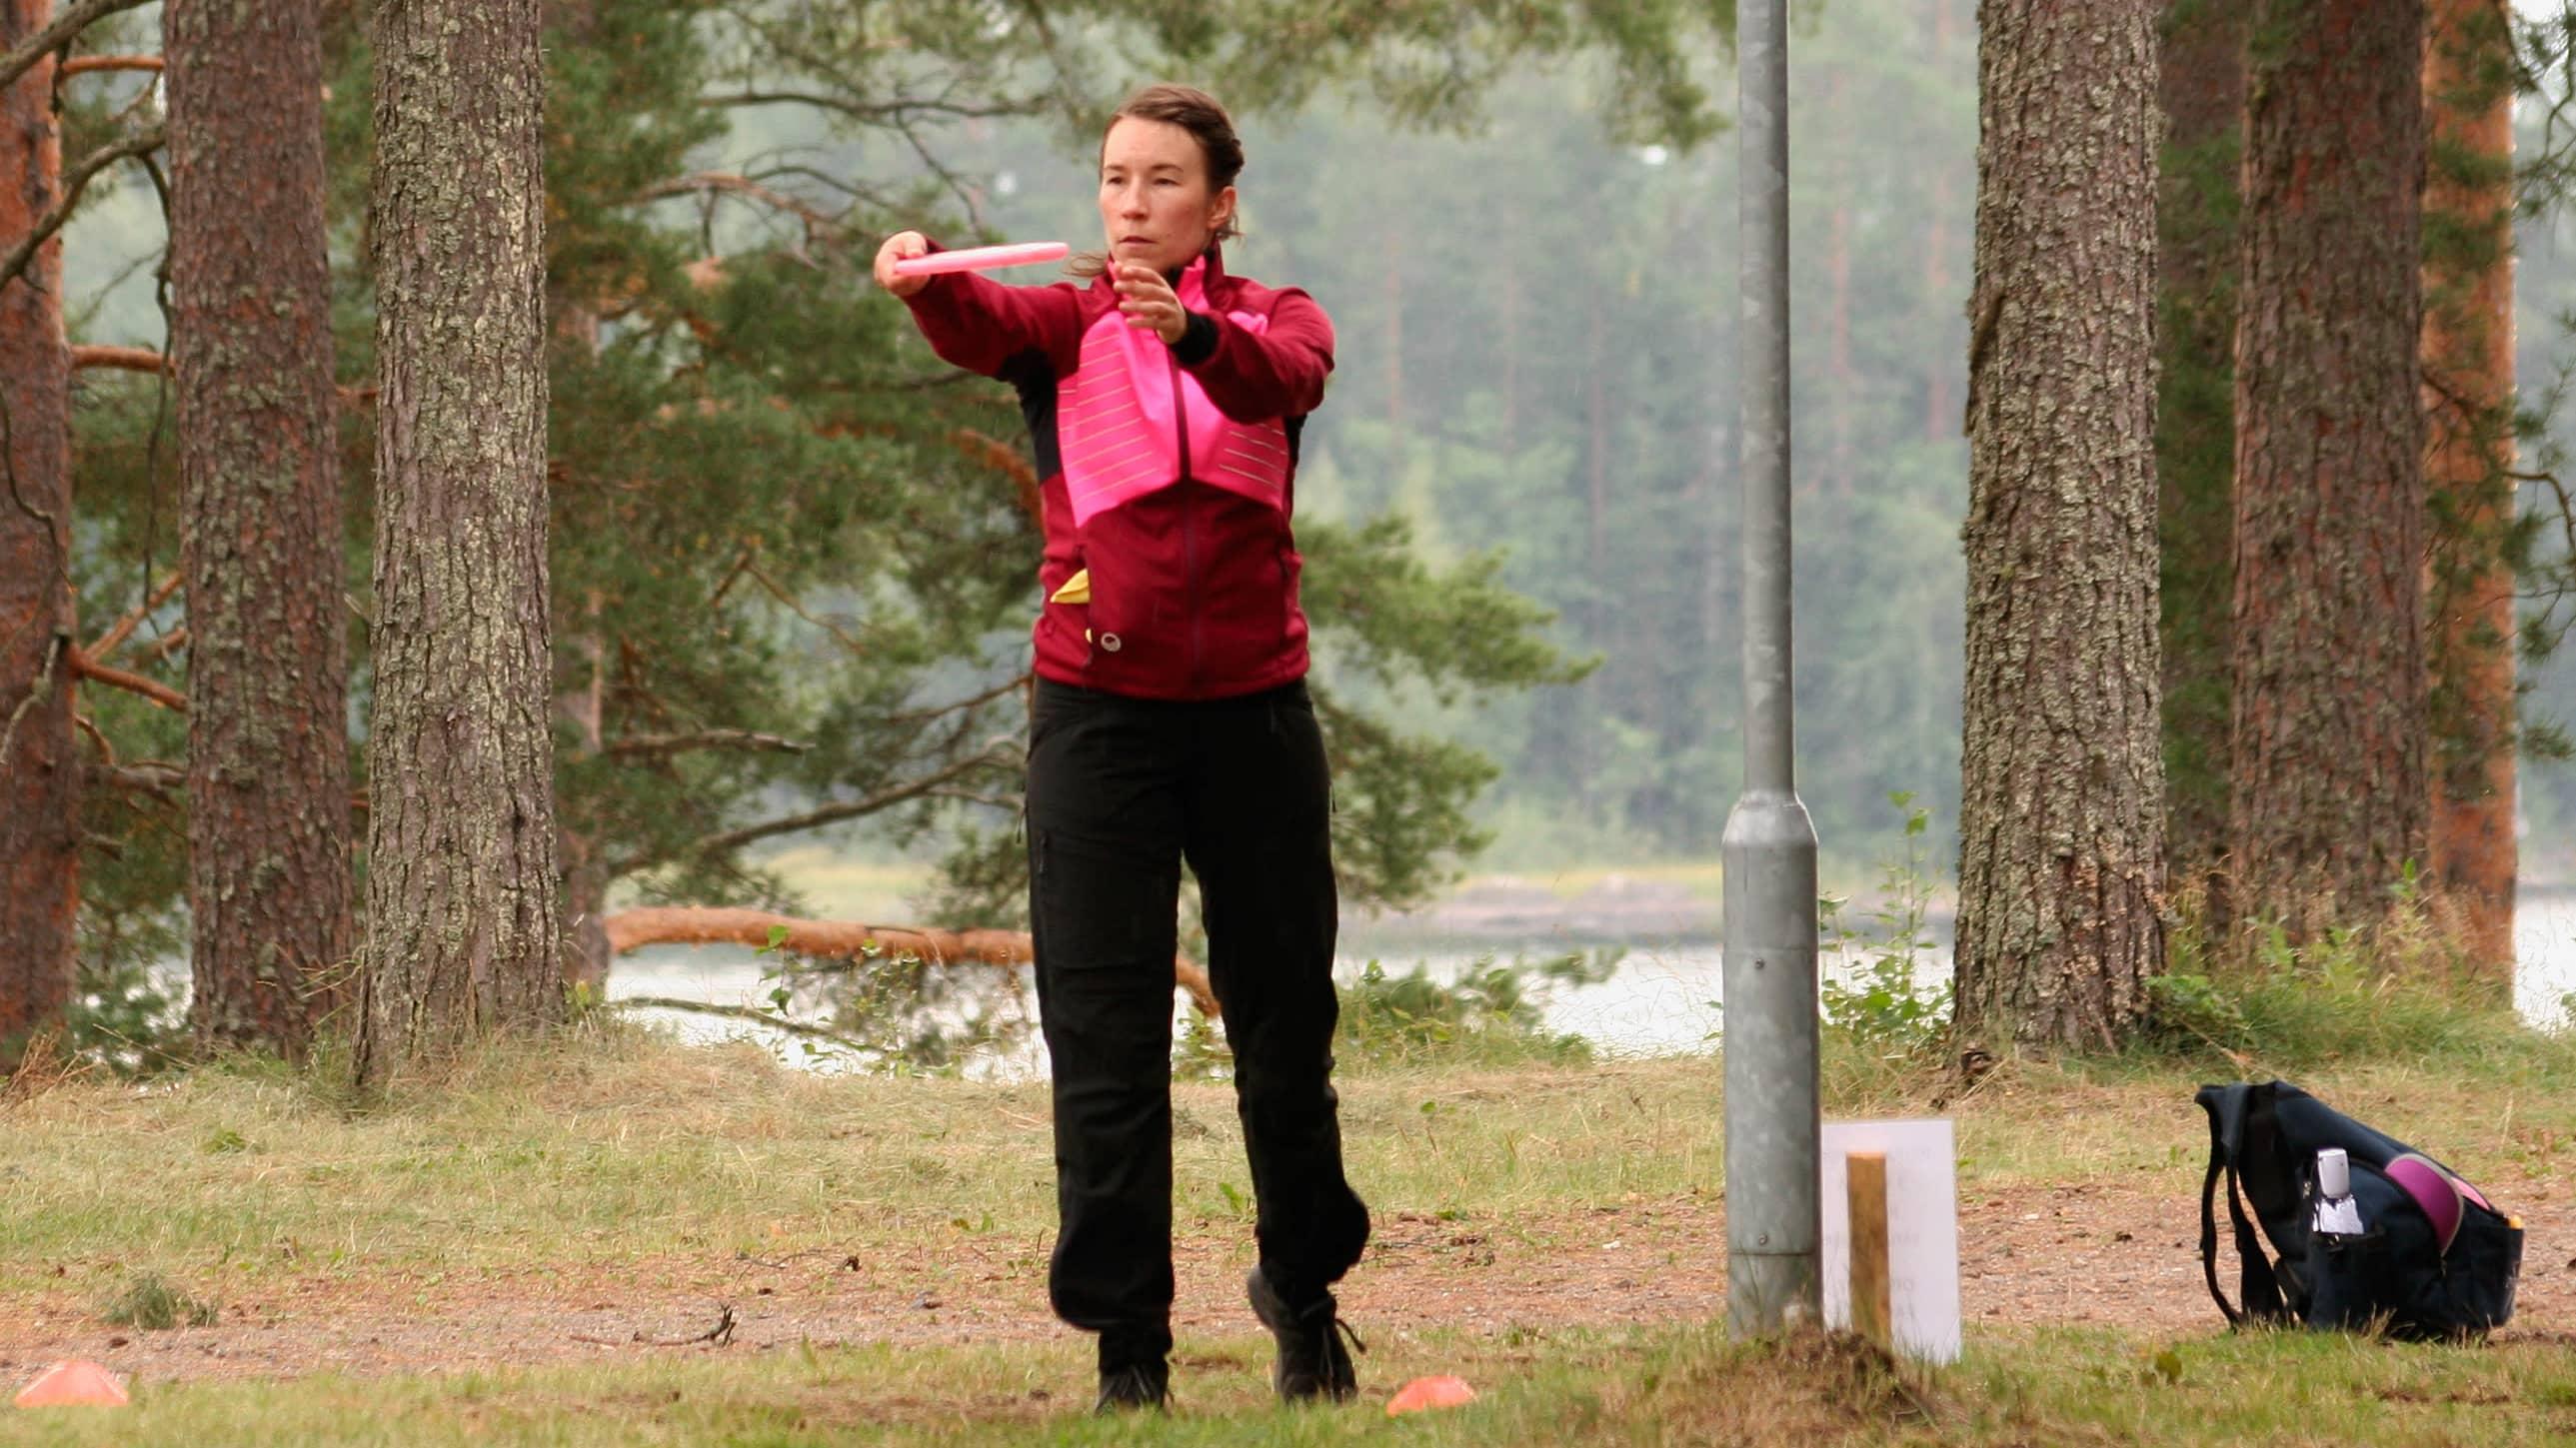 Katri Koponen seisoo frisbee ojennetuissa käsissään frisbeegolfradalla ja valmistautuu heittämään, taustalla mäntymetsää ja lampi.